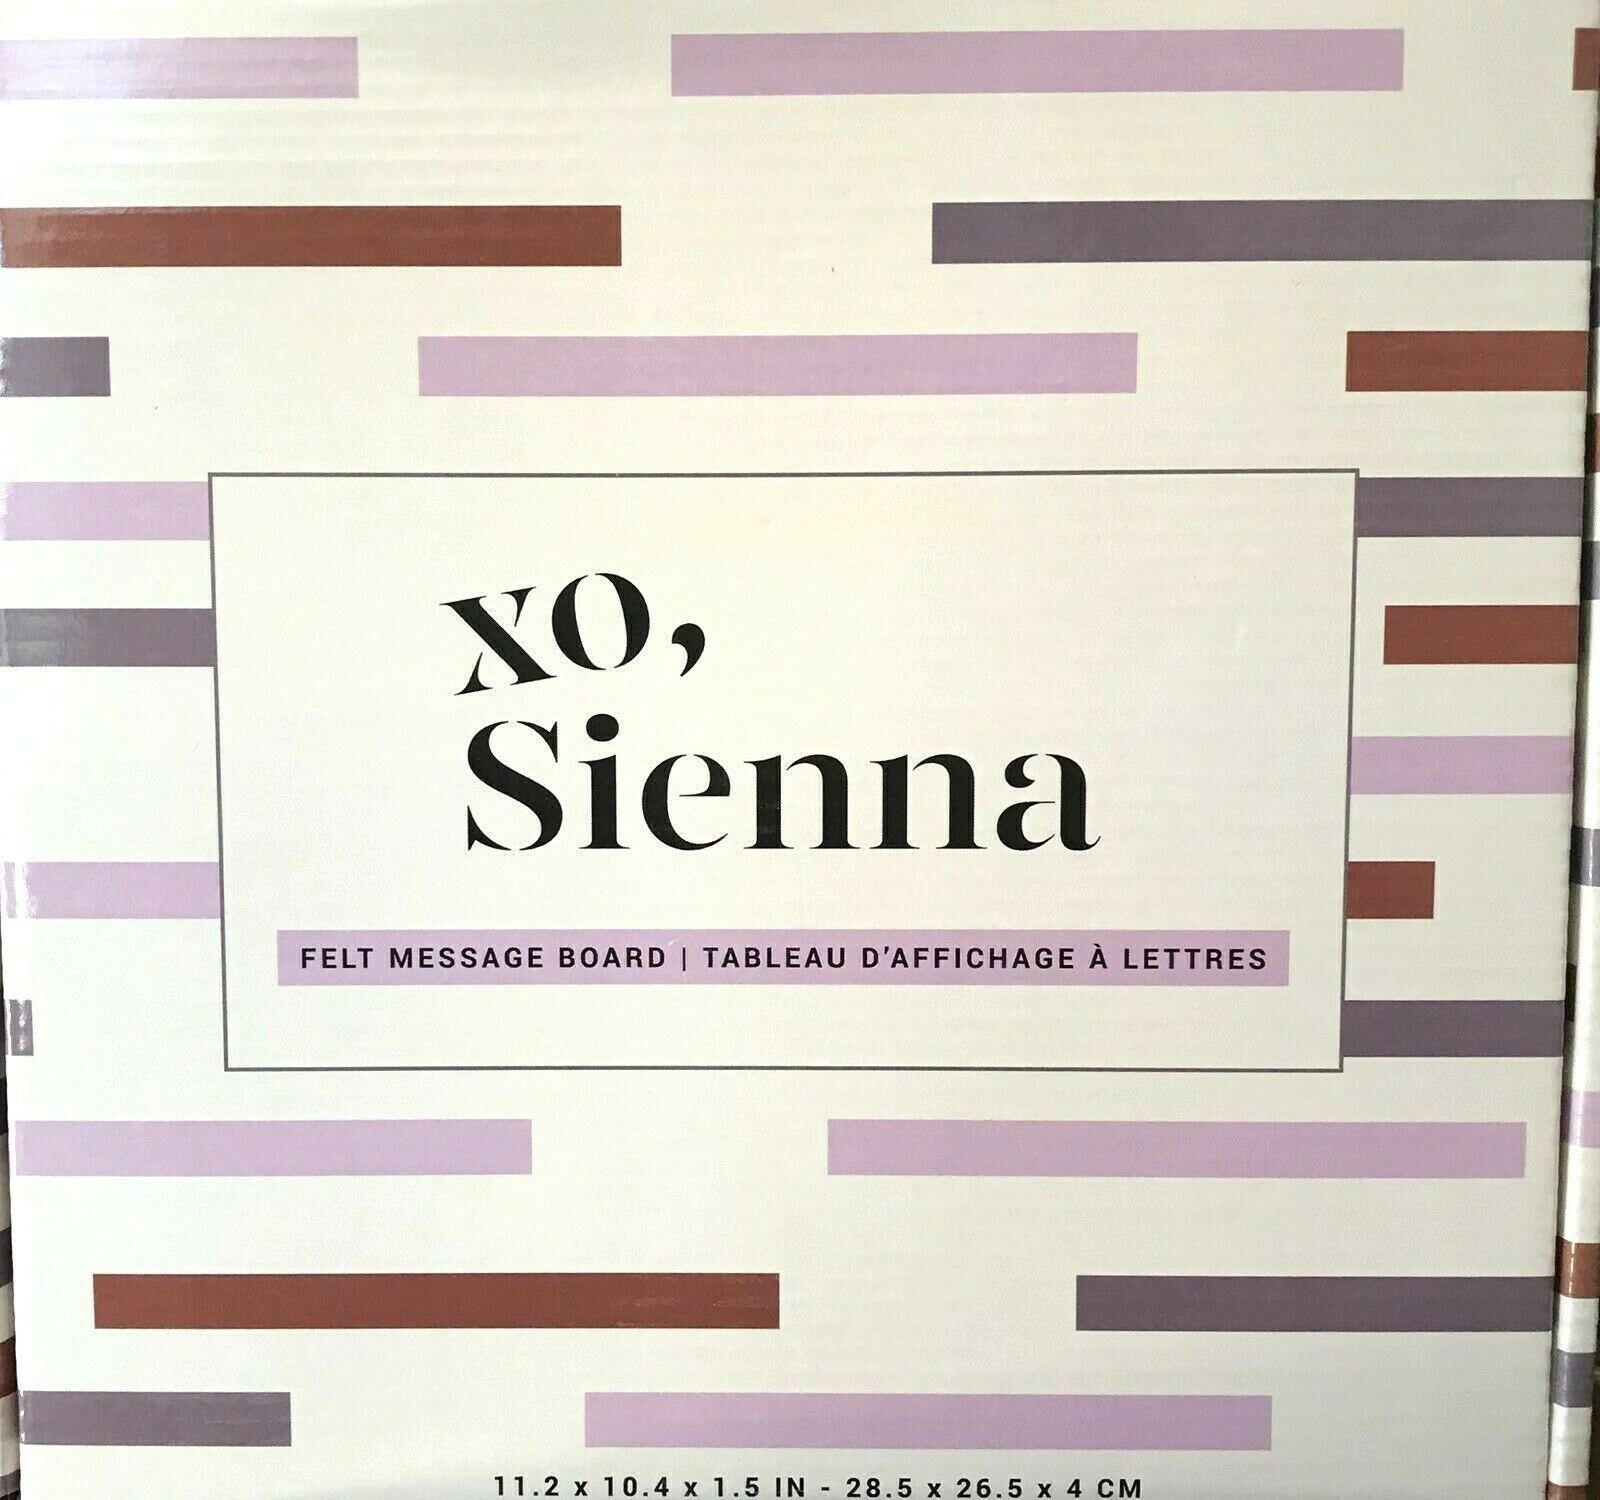 Sienna Felt Message Board Pine 10 x 10 Black Linen 189 White Letters Hanger image 2